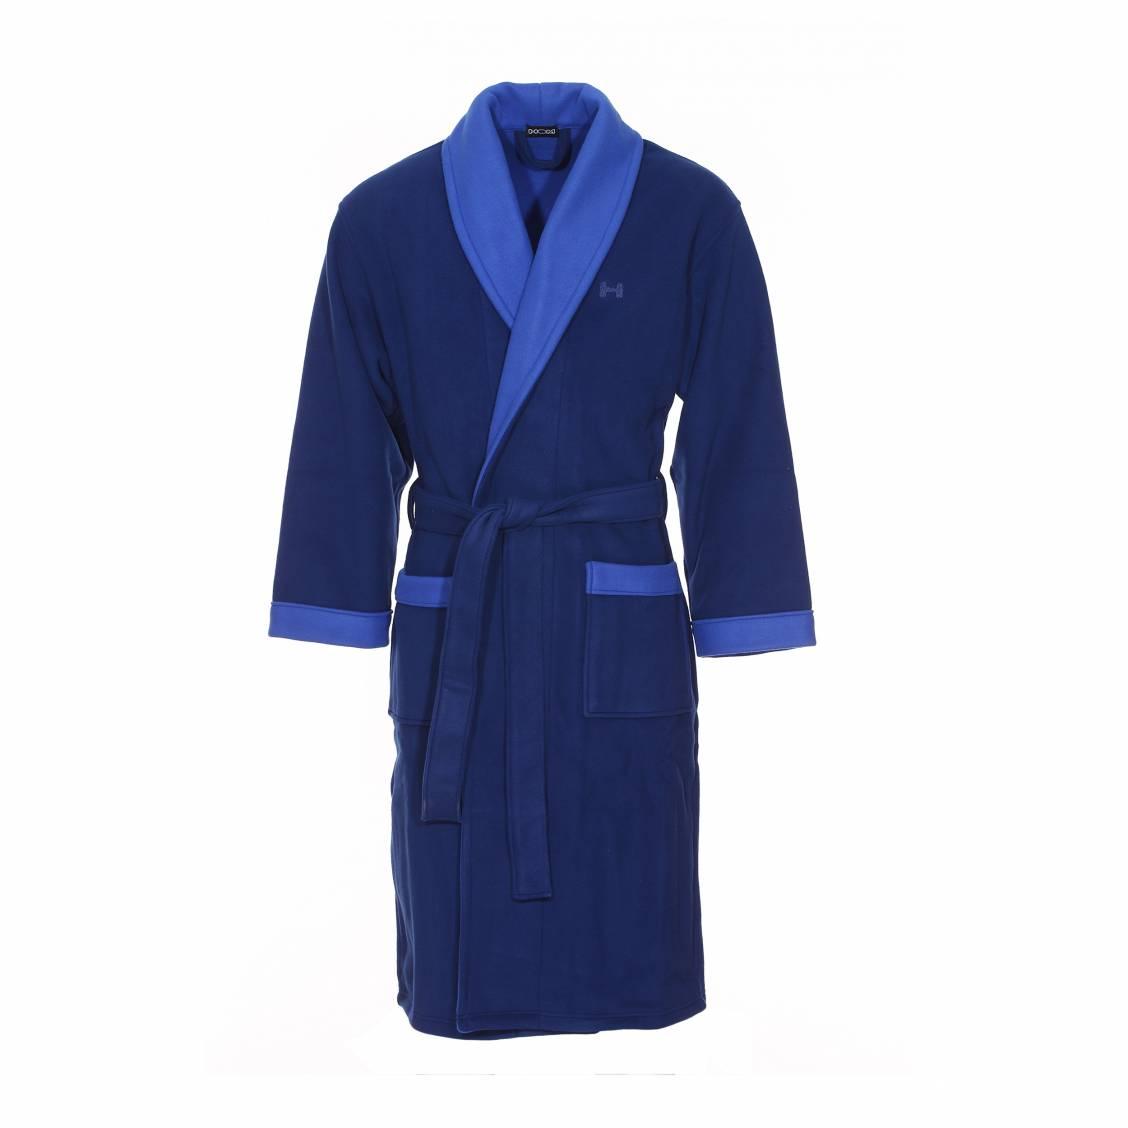 robe de chambre polaire long hom k luxe bleu marine et bleu lectrique rue des hommes. Black Bedroom Furniture Sets. Home Design Ideas